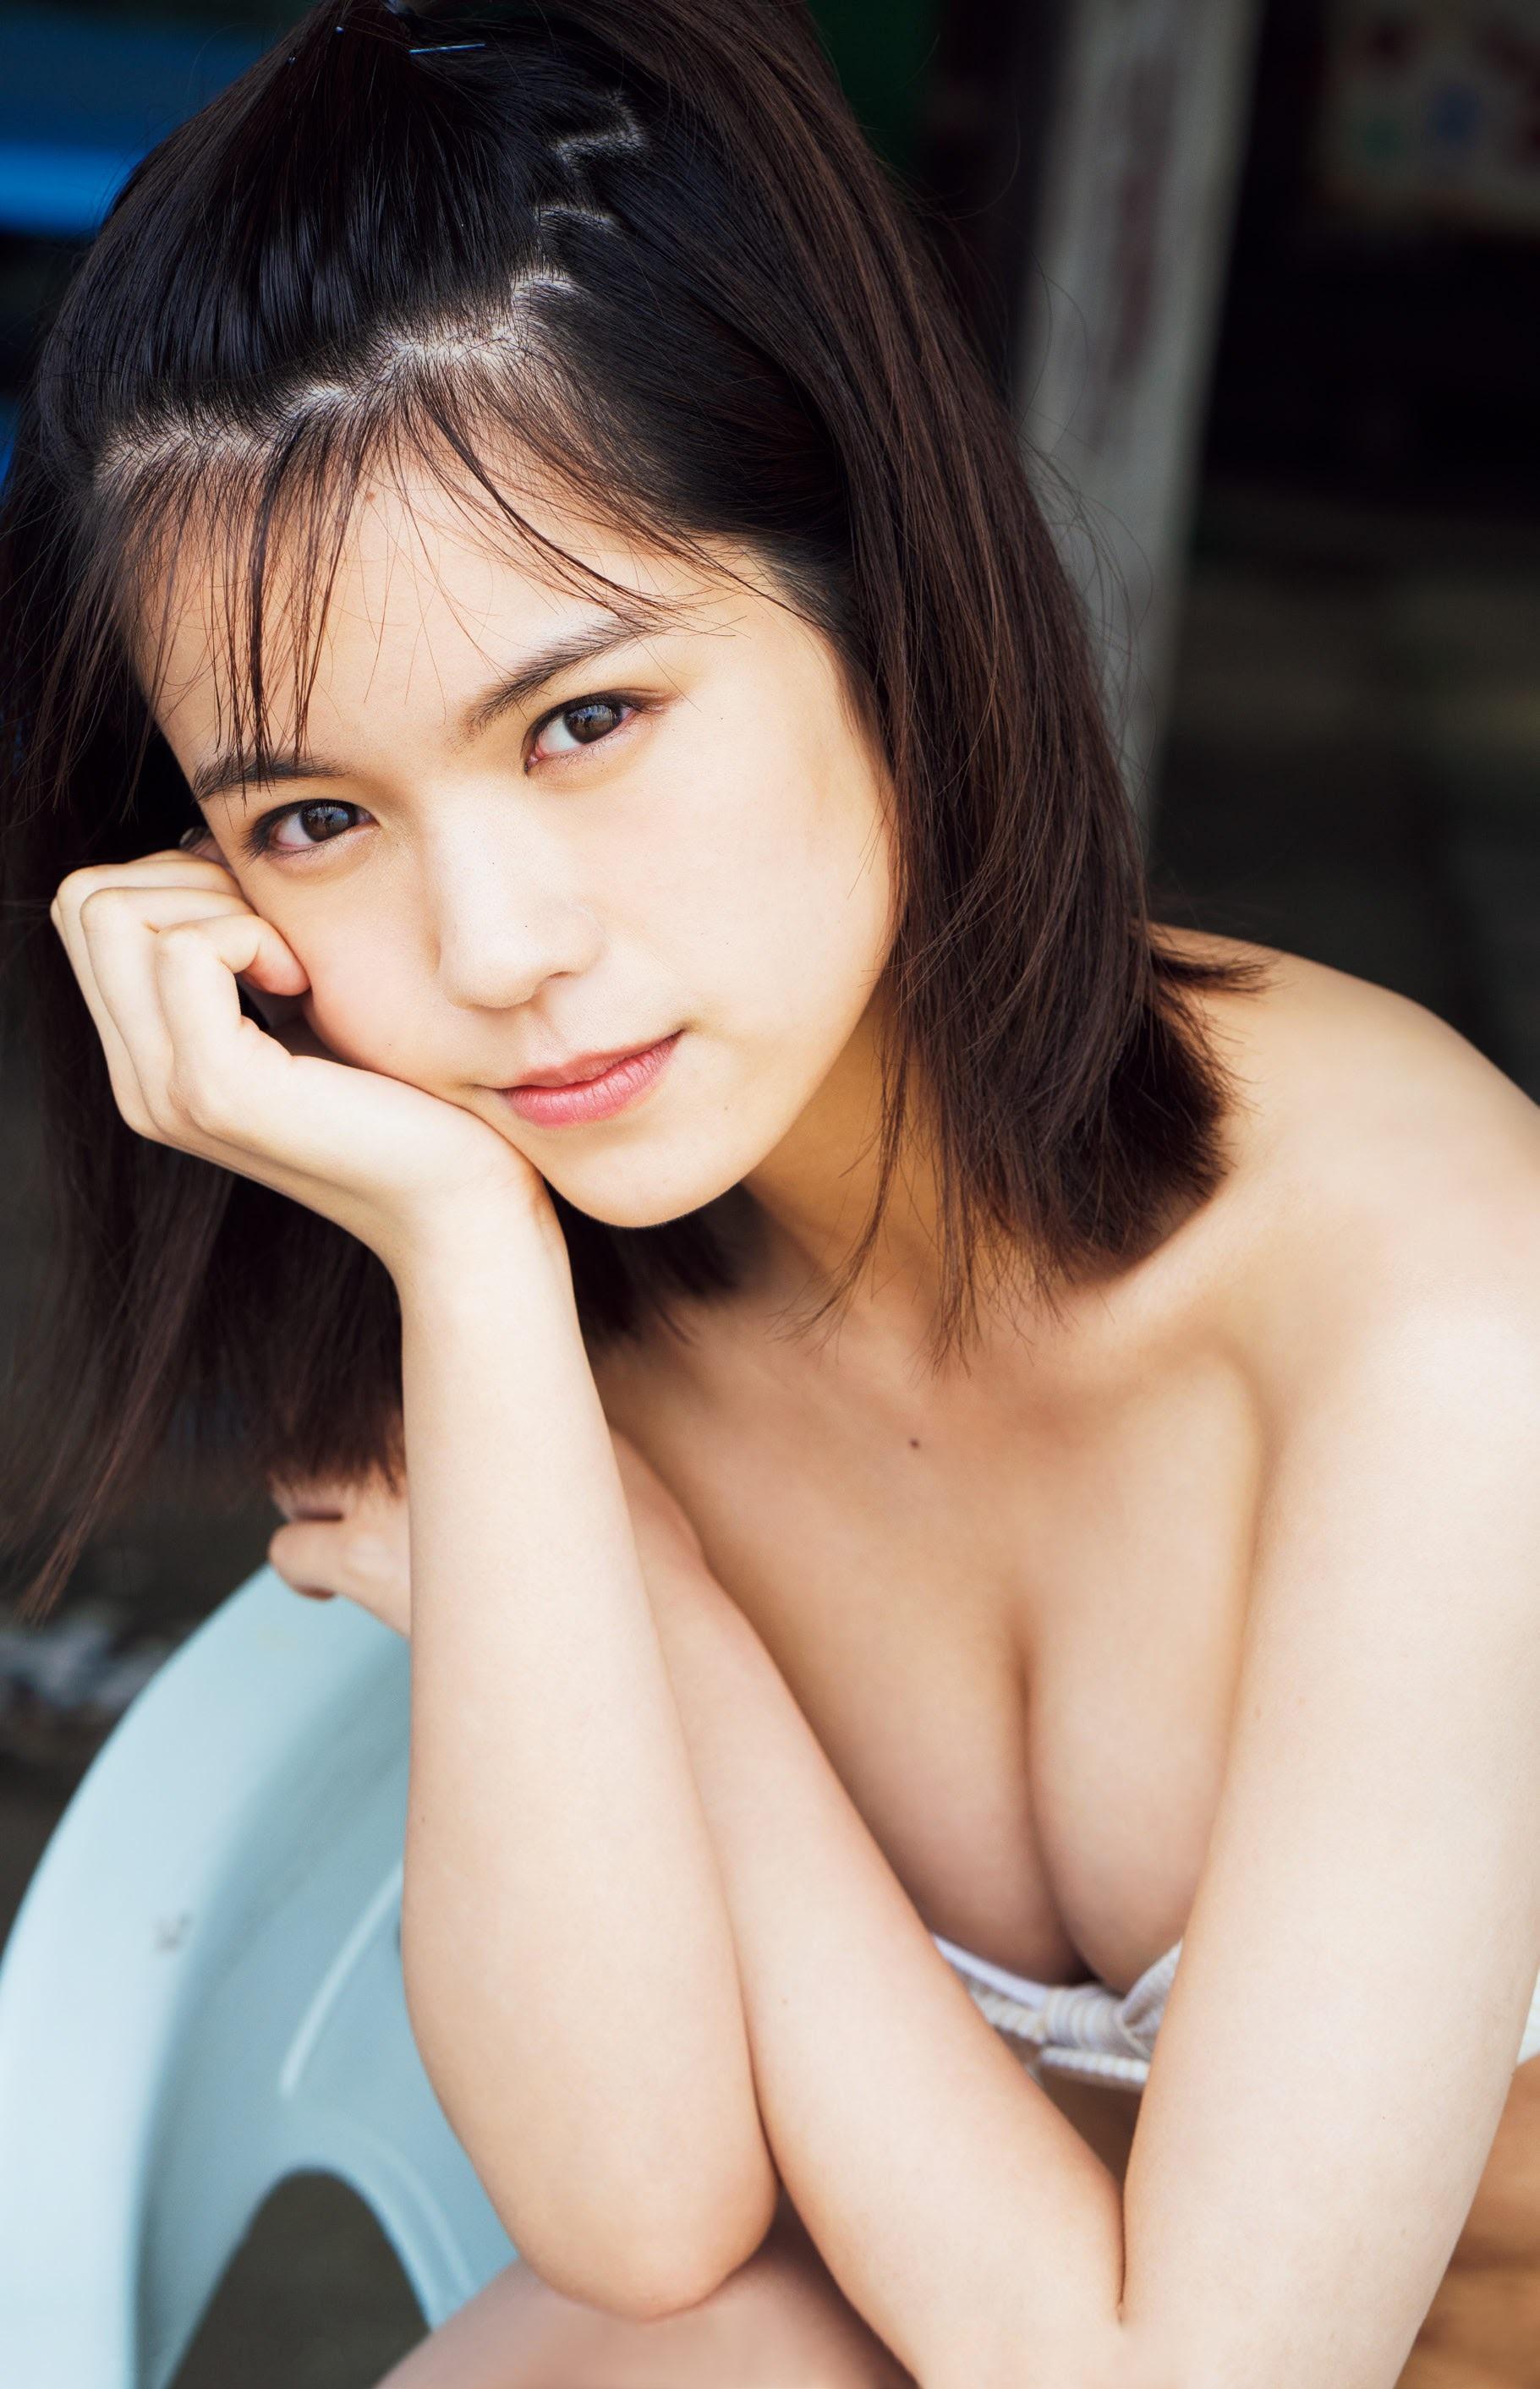 豊田ルナ 頓知気さきな あかせあかり 伊织萌-Weekly Playboy 2021年第三十五期 高清套图 第68张